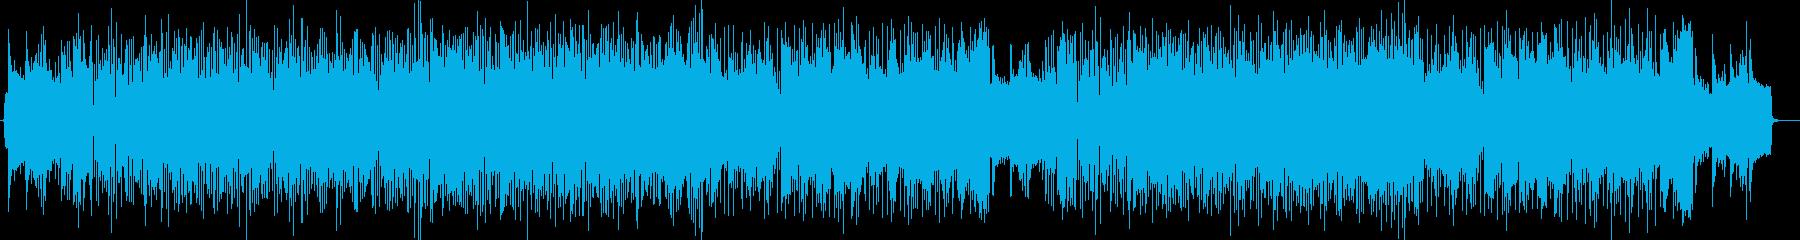 ドラムのシンバルが印象的なミュージックの再生済みの波形